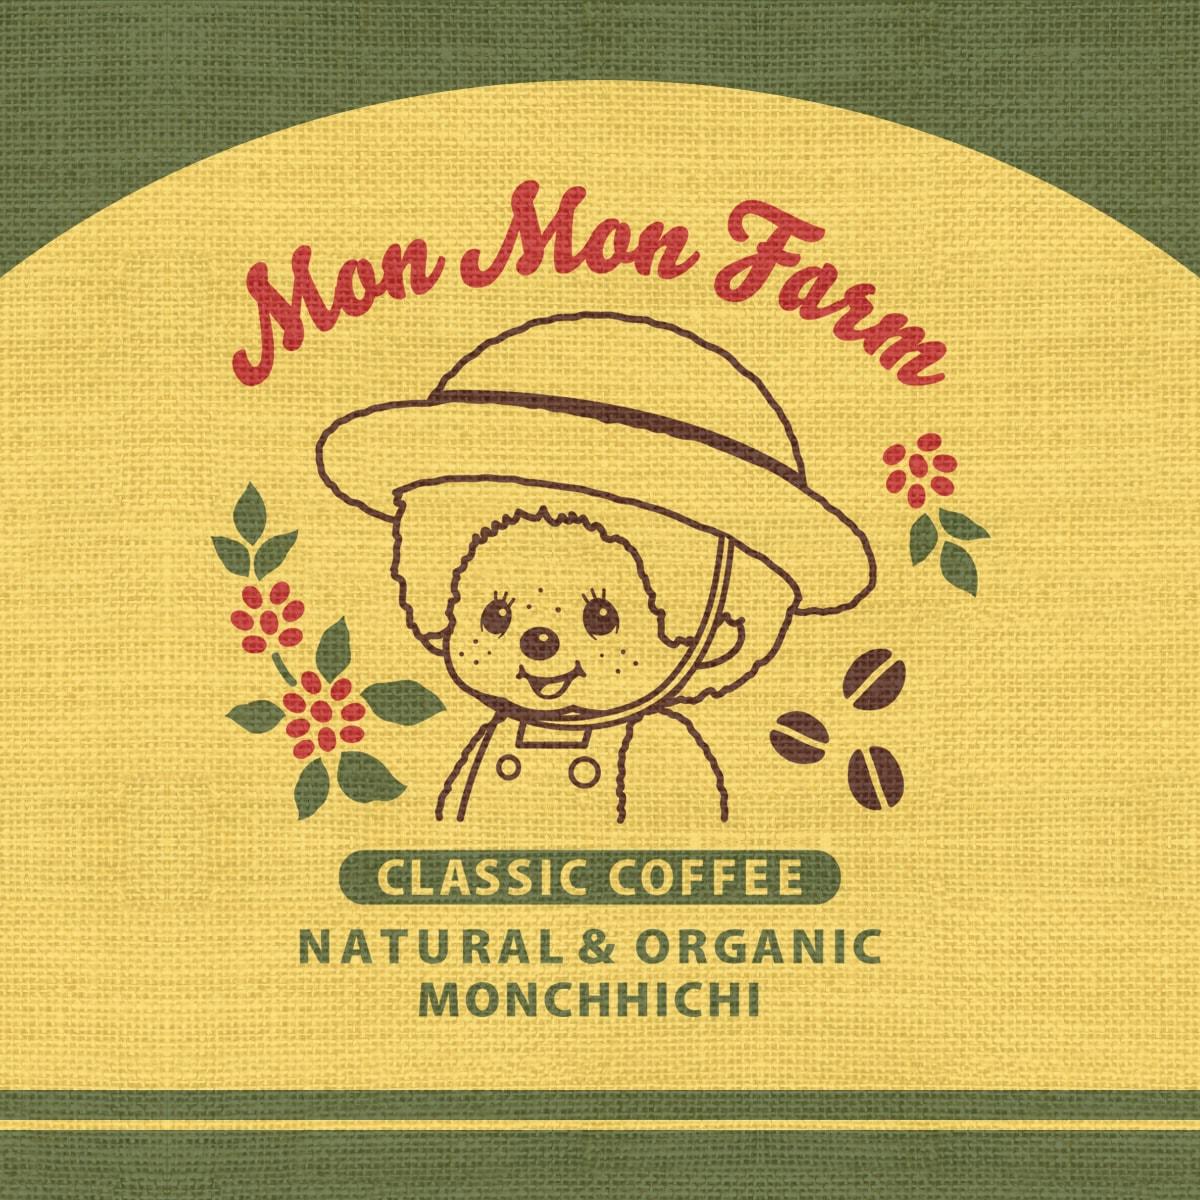 Mon Mon Farm Coffee Monchhichi モンモンファーム コーヒーモンチッチ ロゴイメージ